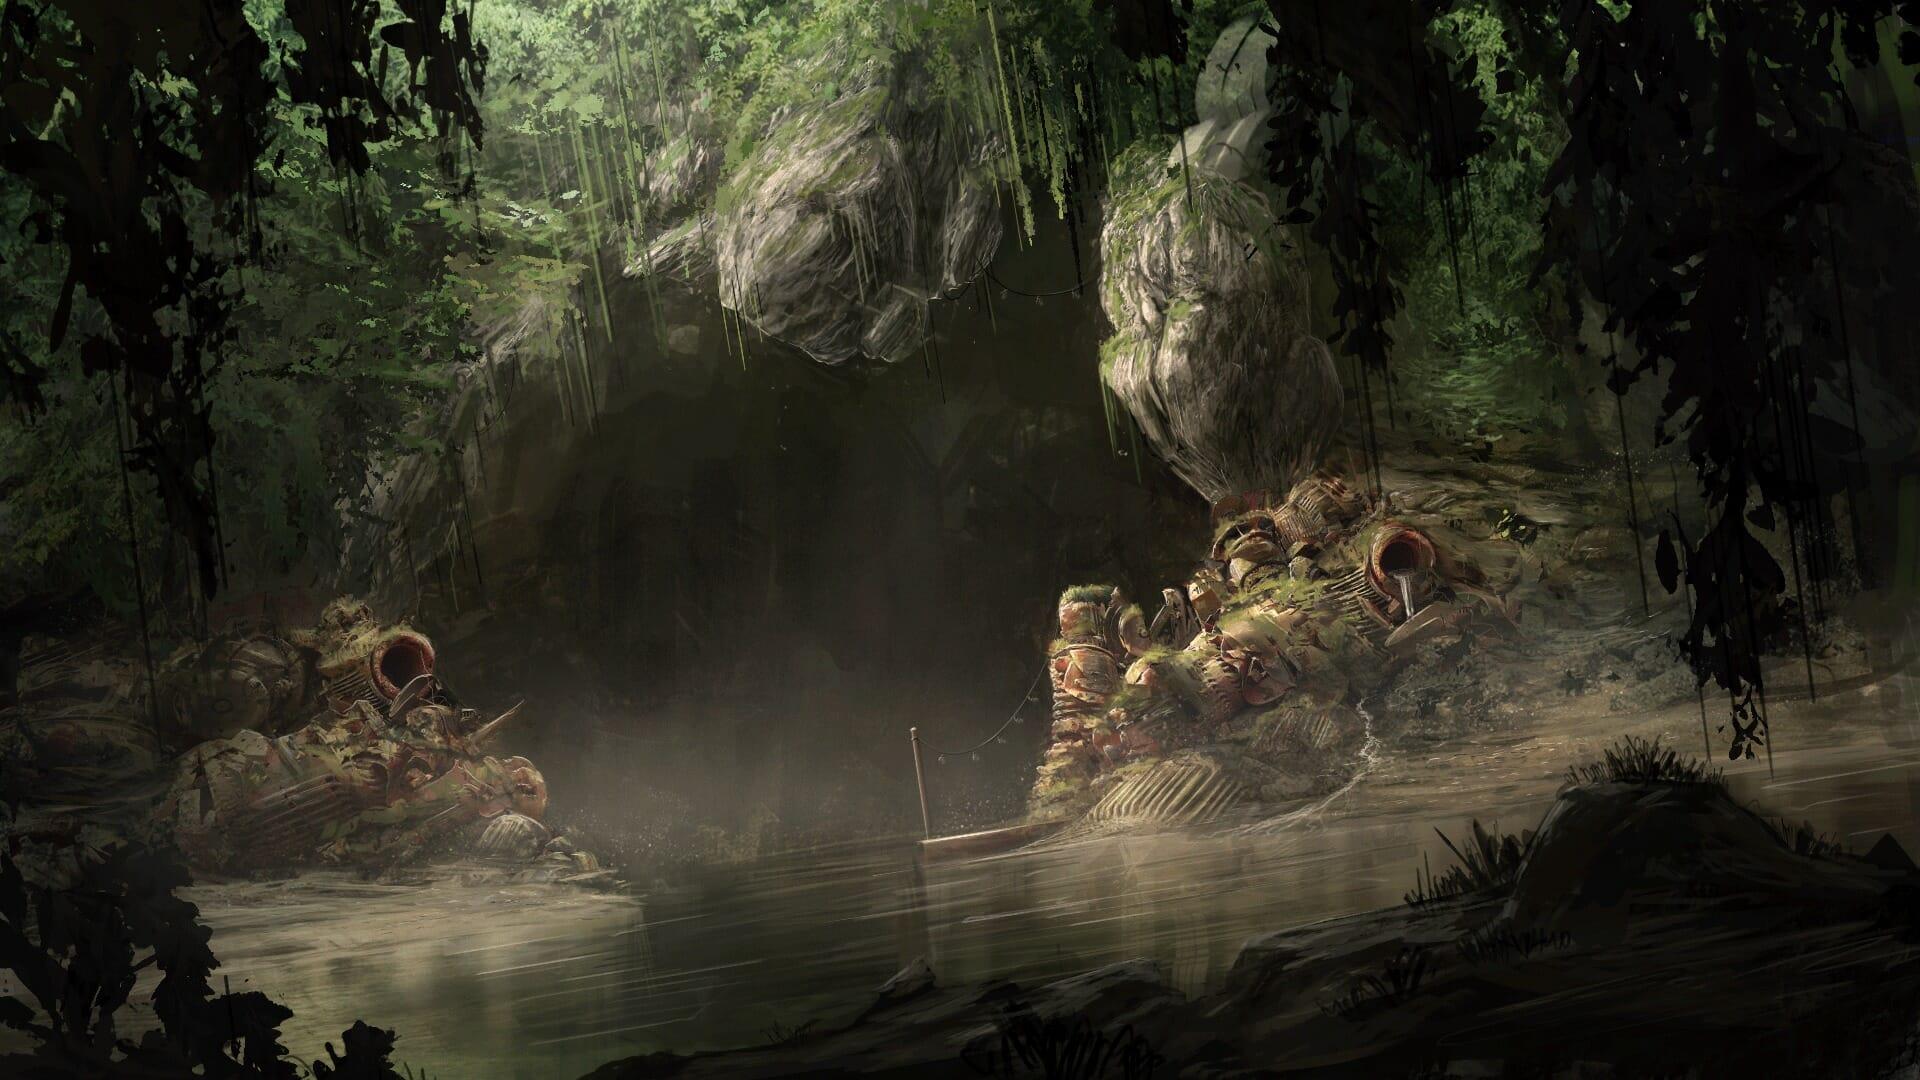 Smuggler's Cave by Tom Prante